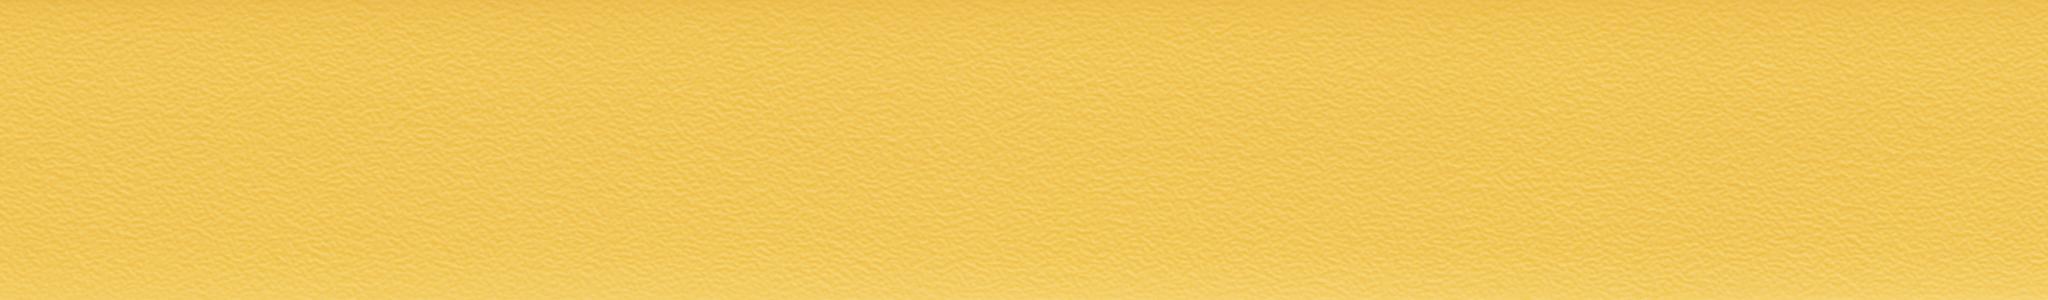 HU 11134 ABS hrana žlutá perla 101